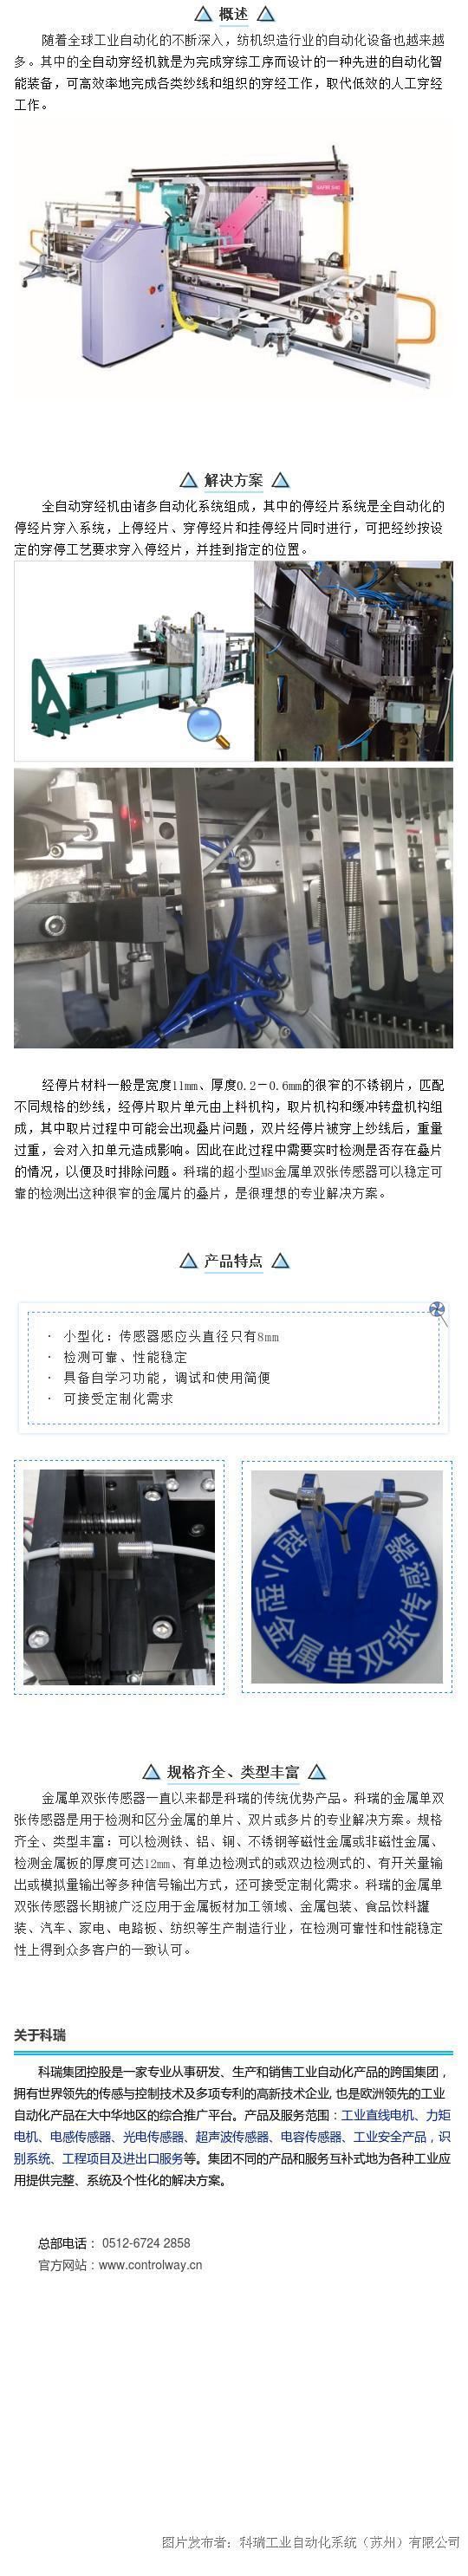 科瑞超小型金属单双张传感器在纺机行业的应用.png